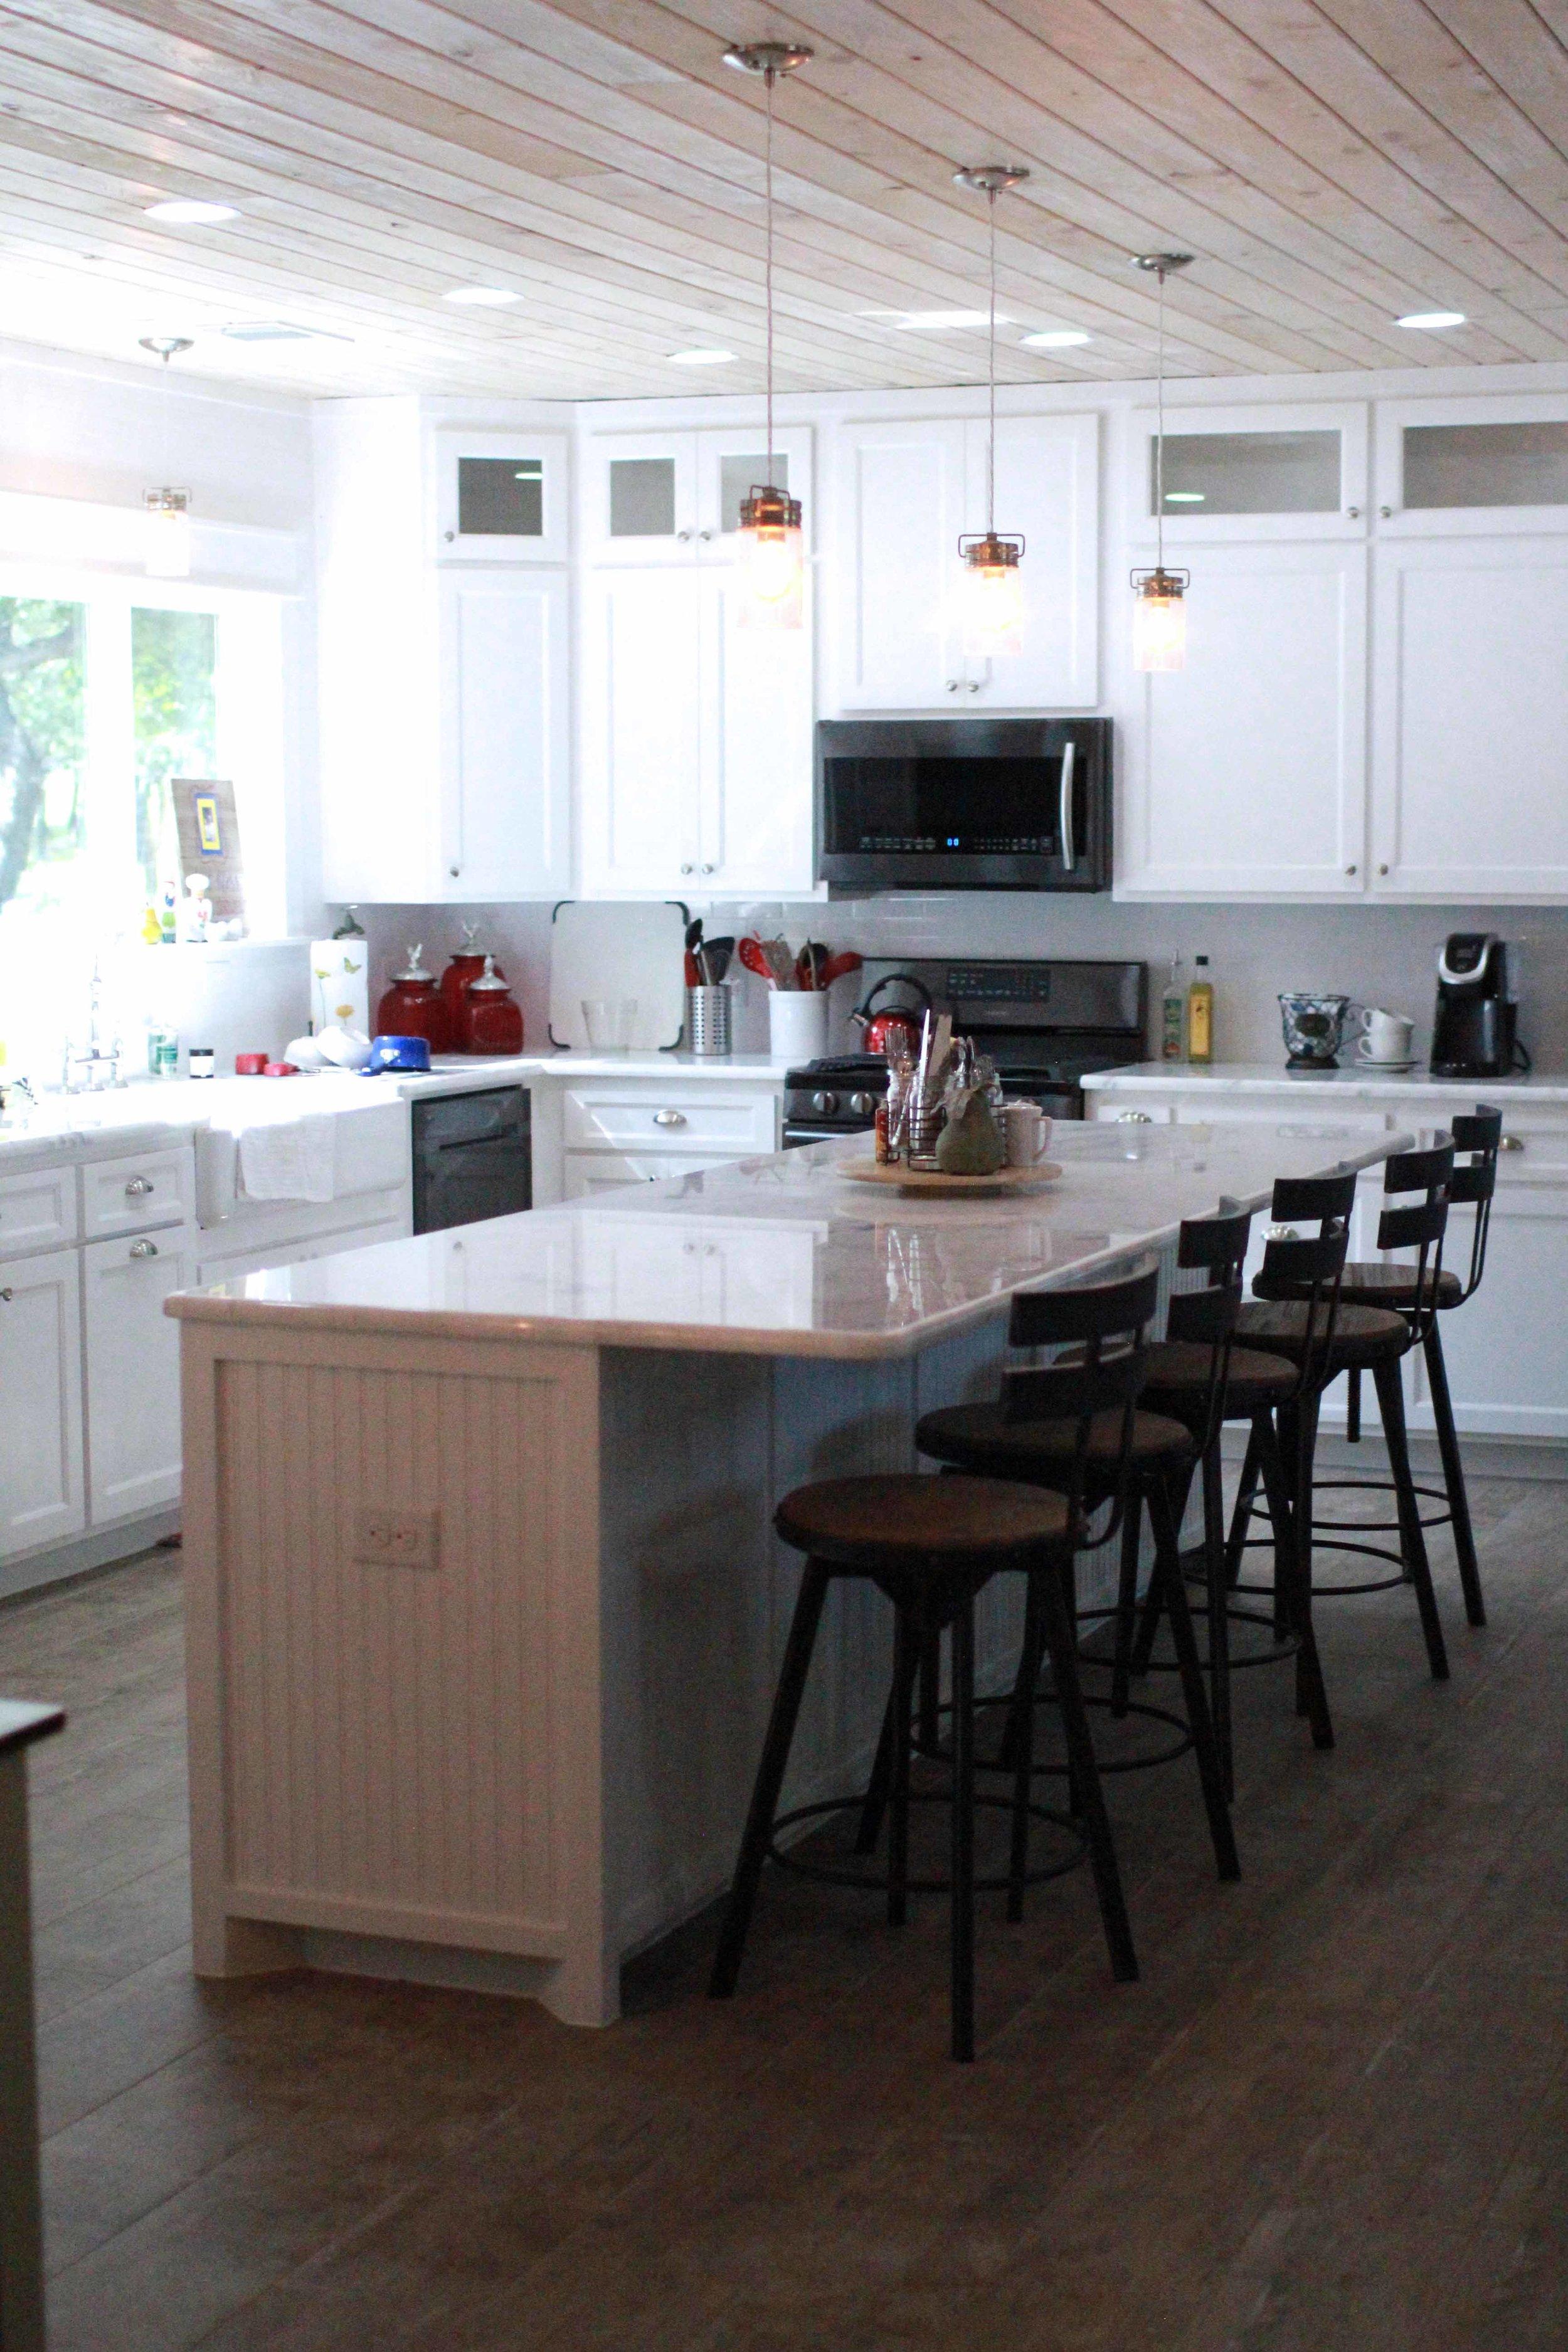 castleberry-custom-homes-farmhouse-remodel-2.jpg